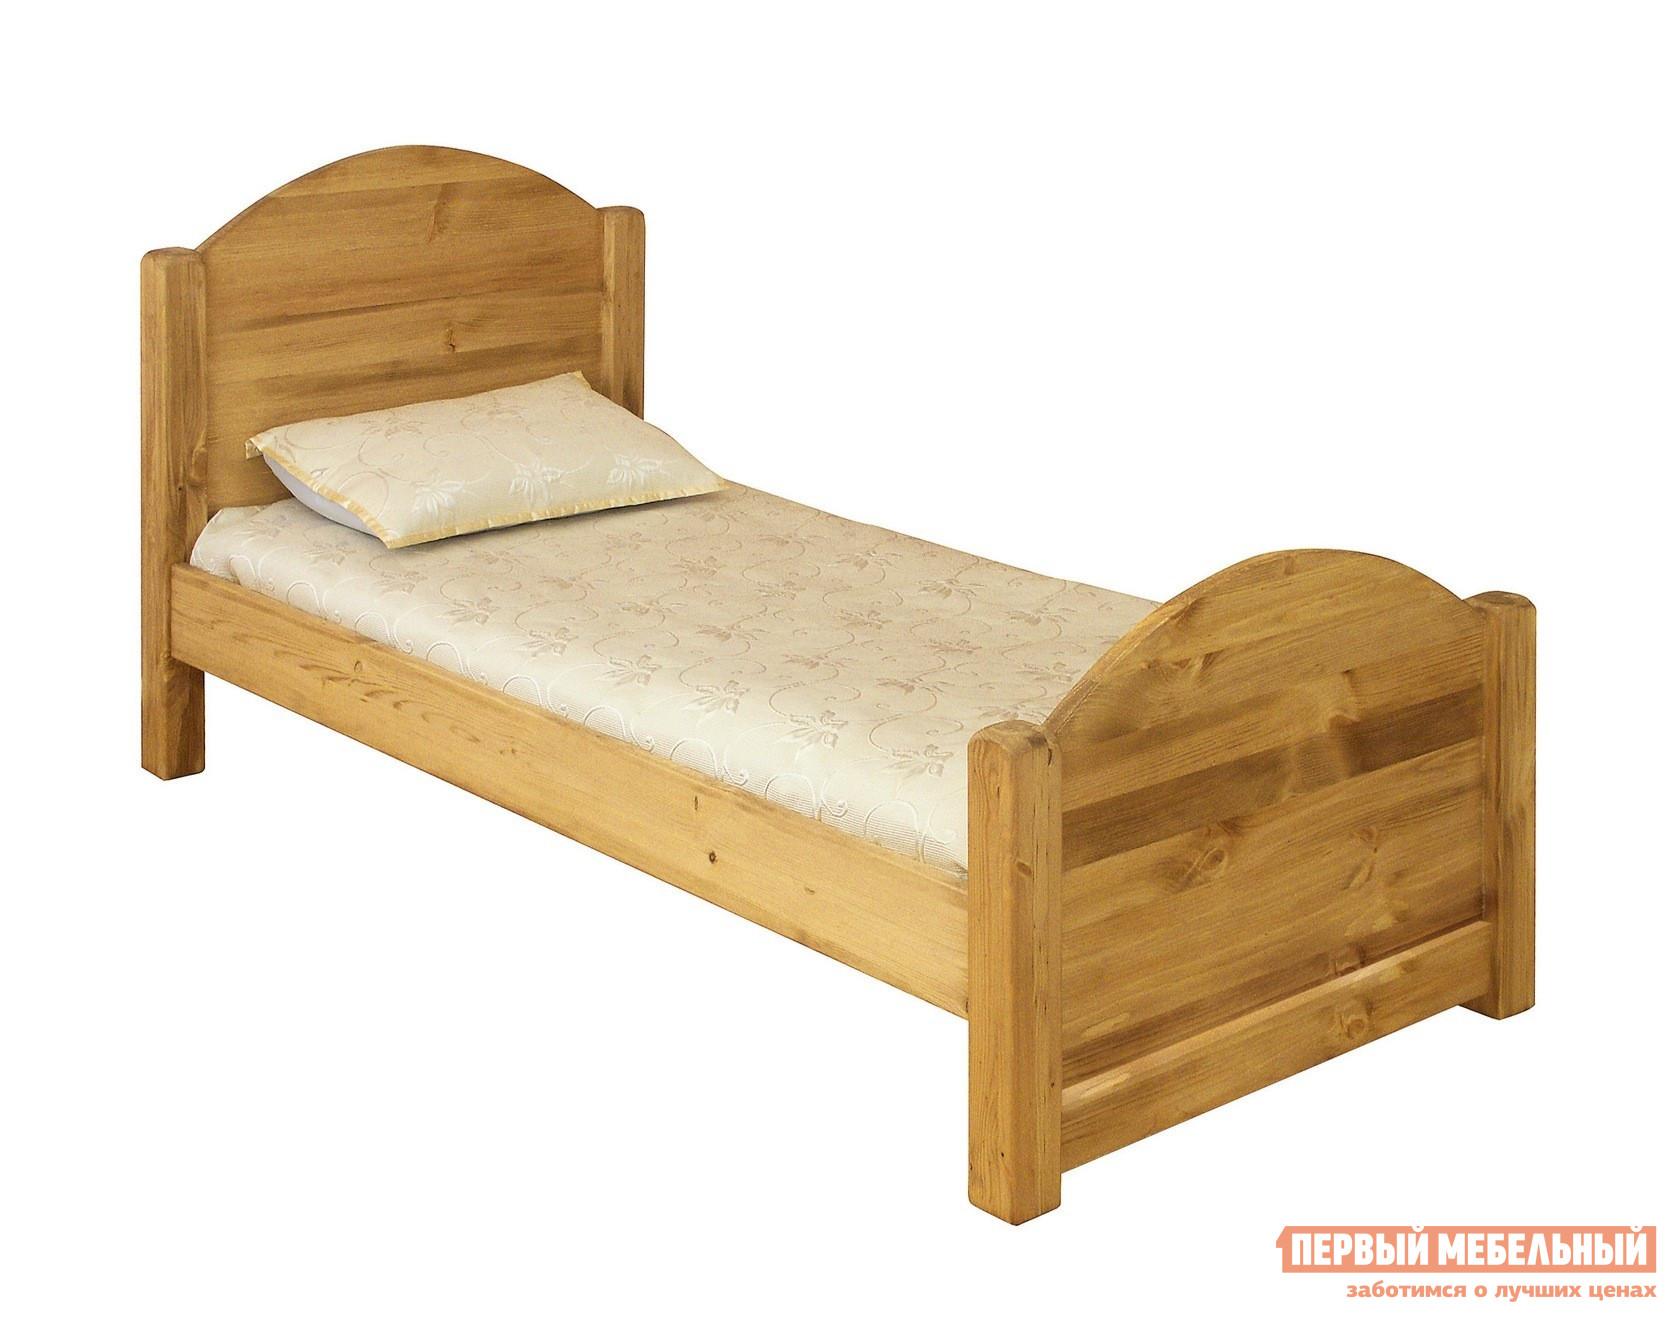 Односпальная кровать из сосны Волшебная сосна LIT MEX 90 (LMEX 90) волшебная сосна комод волшебная сосна confiturier roberto массив сосны